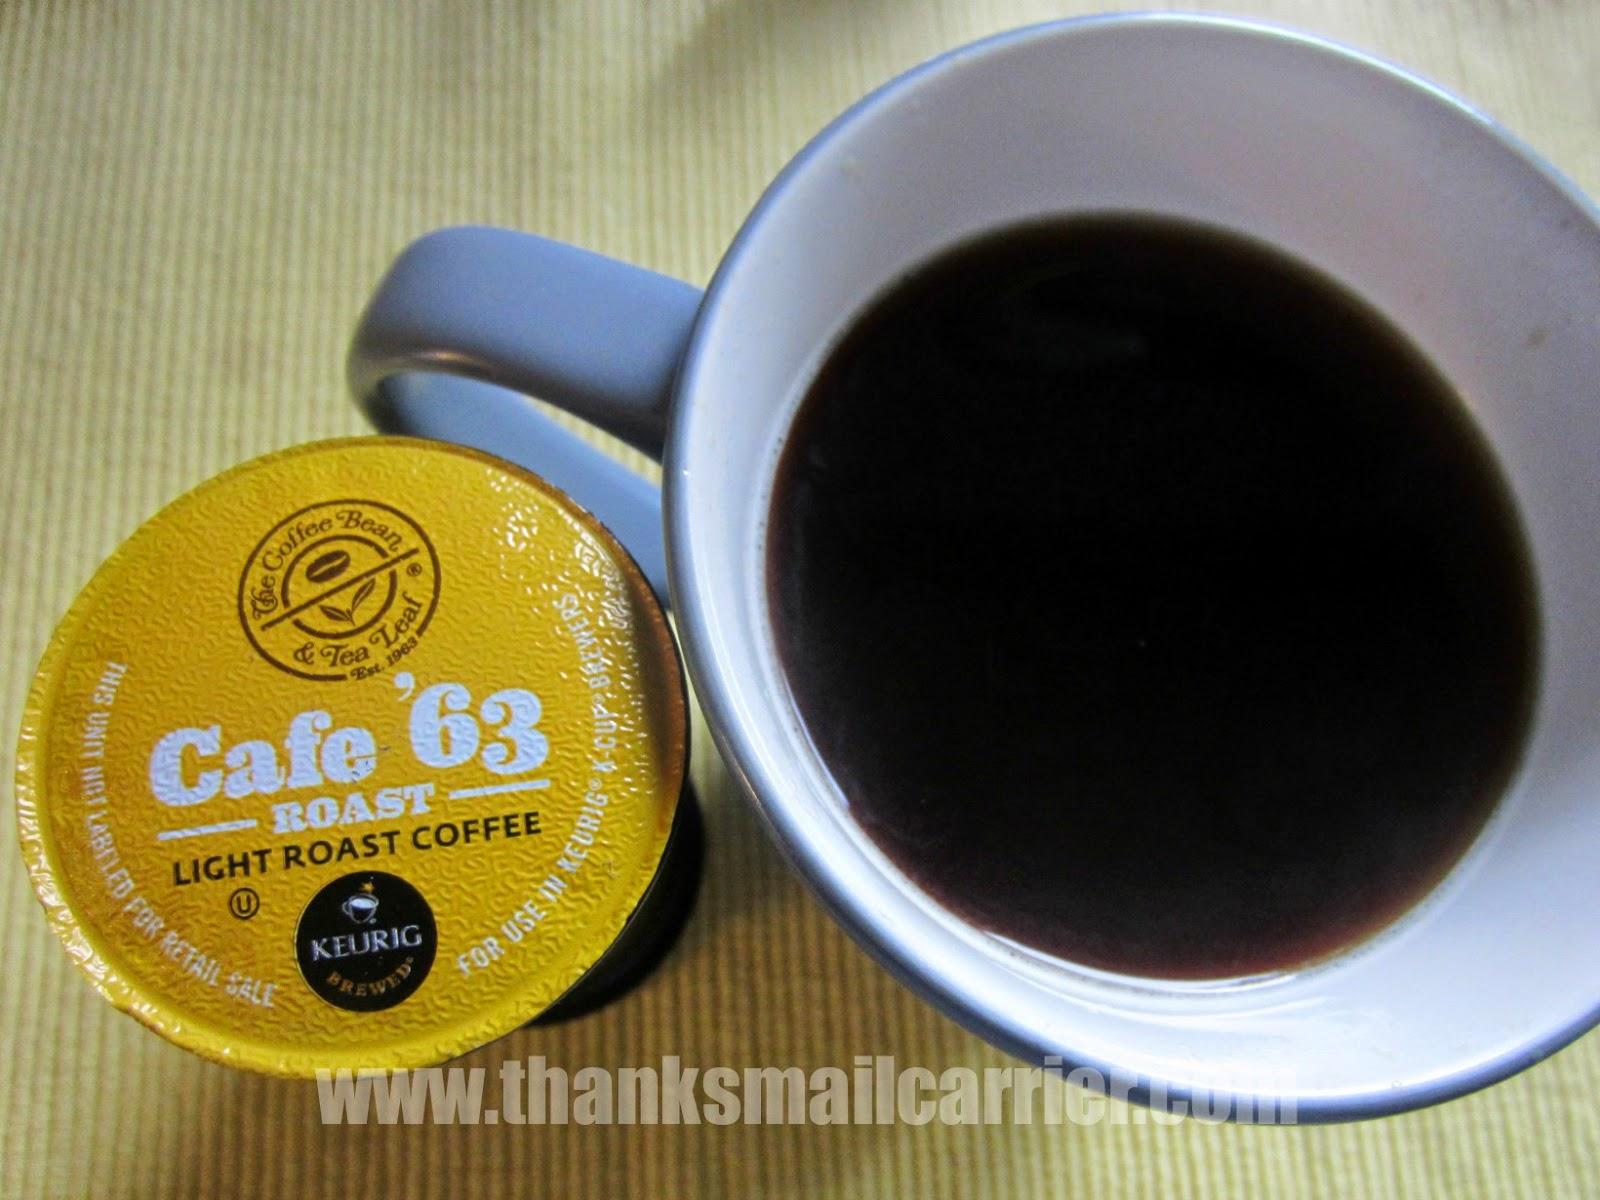 CBTL Cafe 63